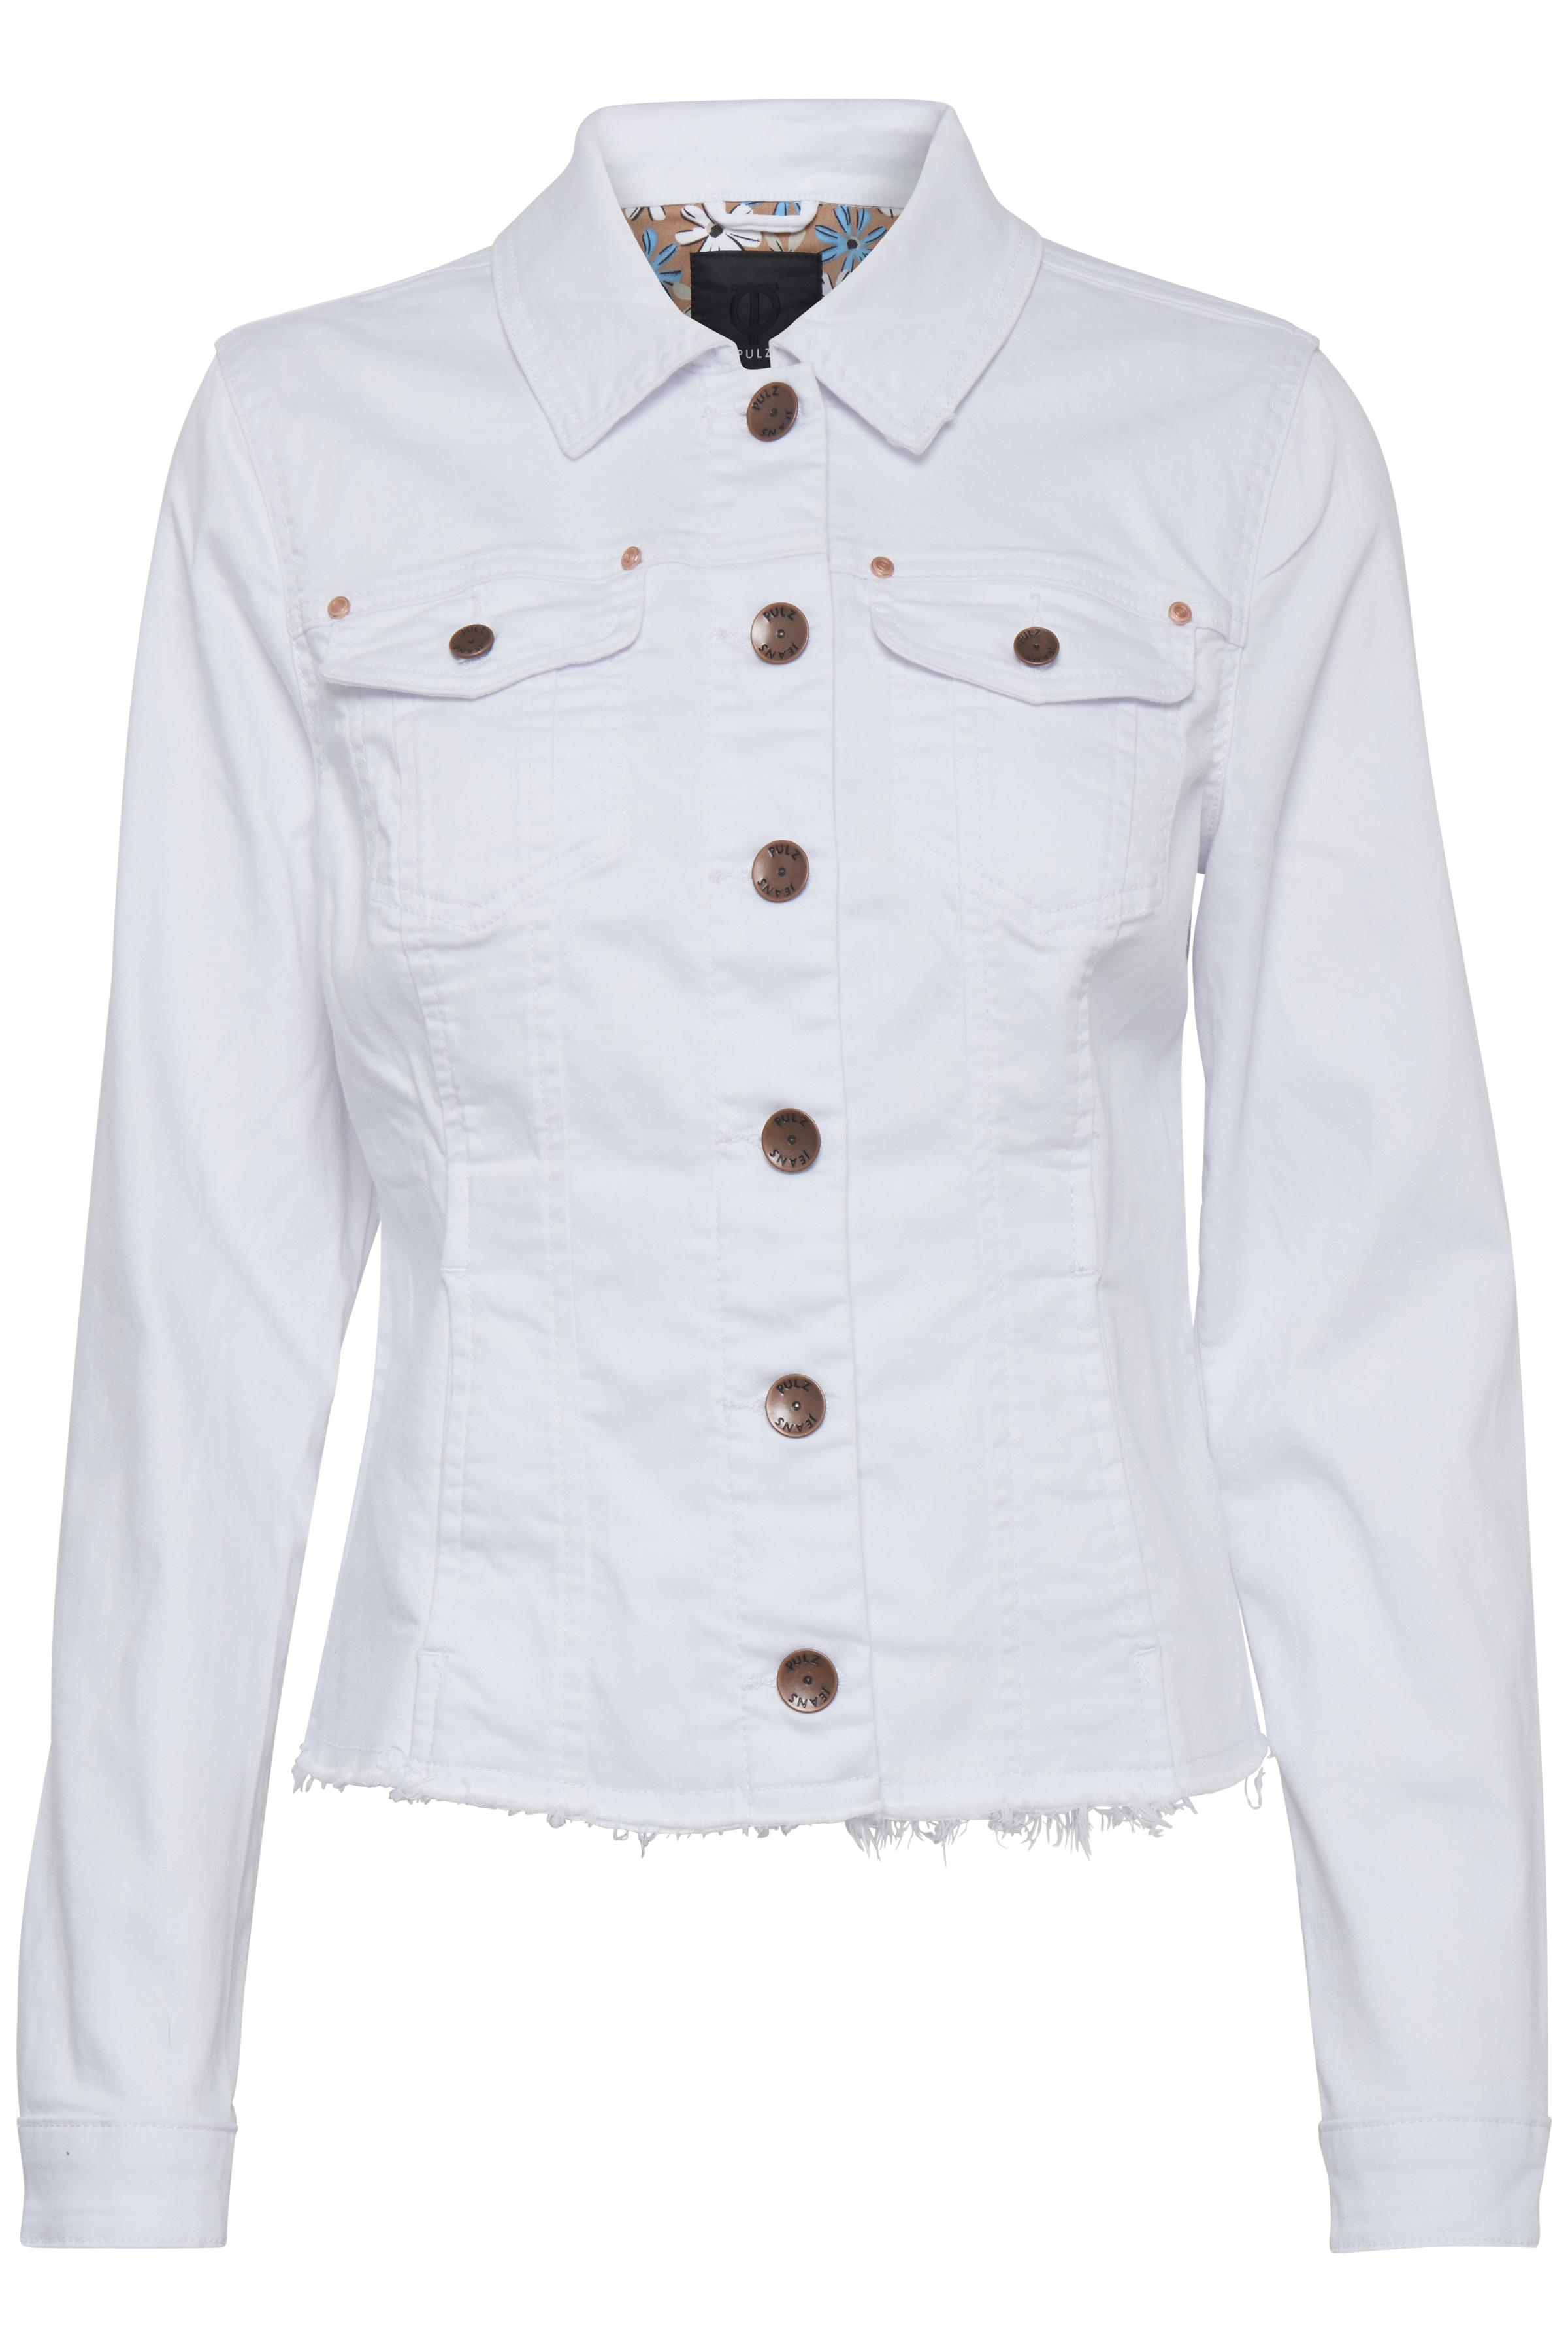 Image of Pulz Jeans Dame Jakke - Hvid